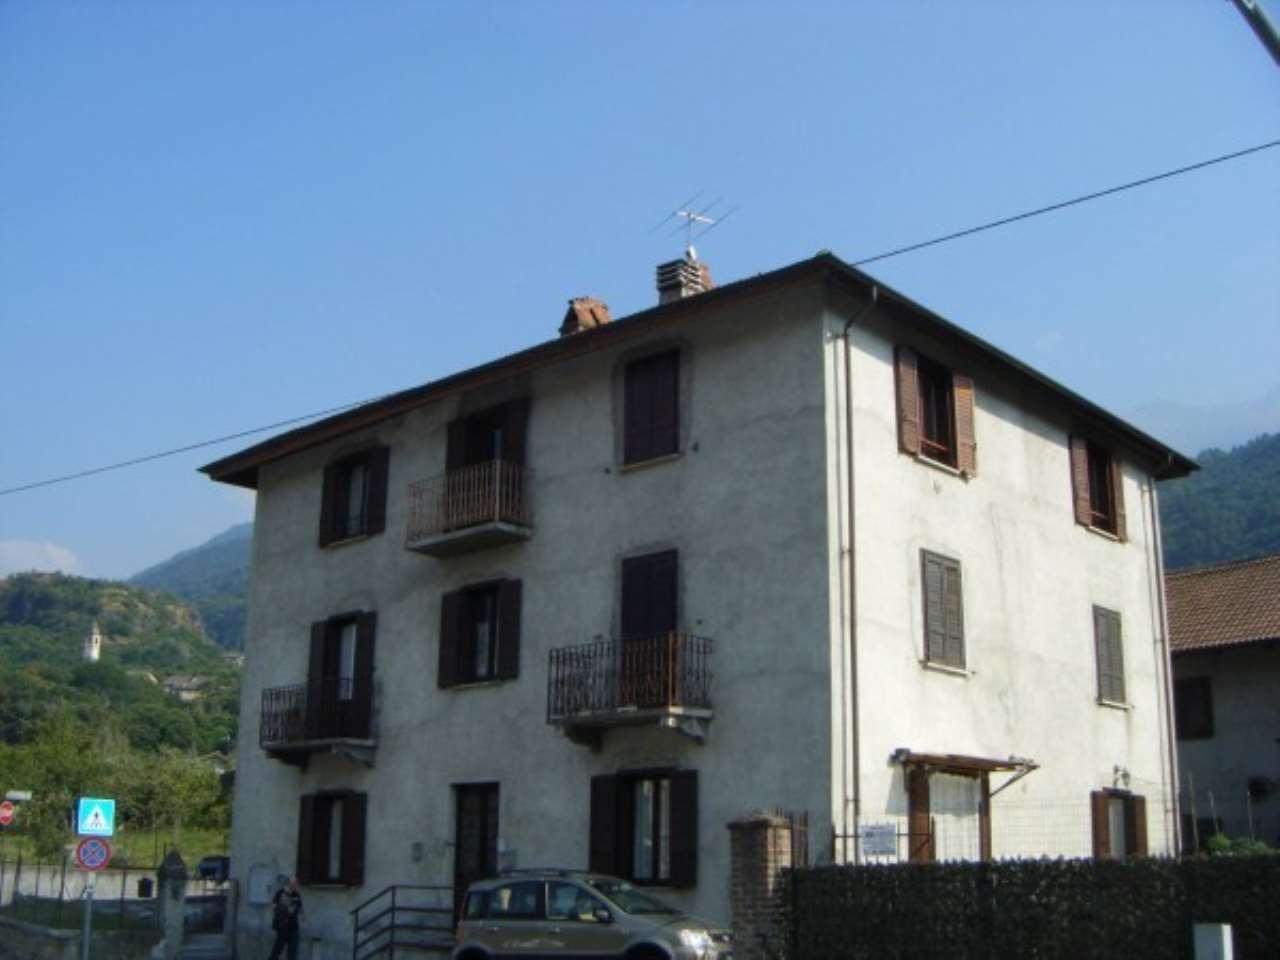 Appartamento in vendita a Gravere, 2 locali, prezzo € 35.000 | Cambio Casa.it